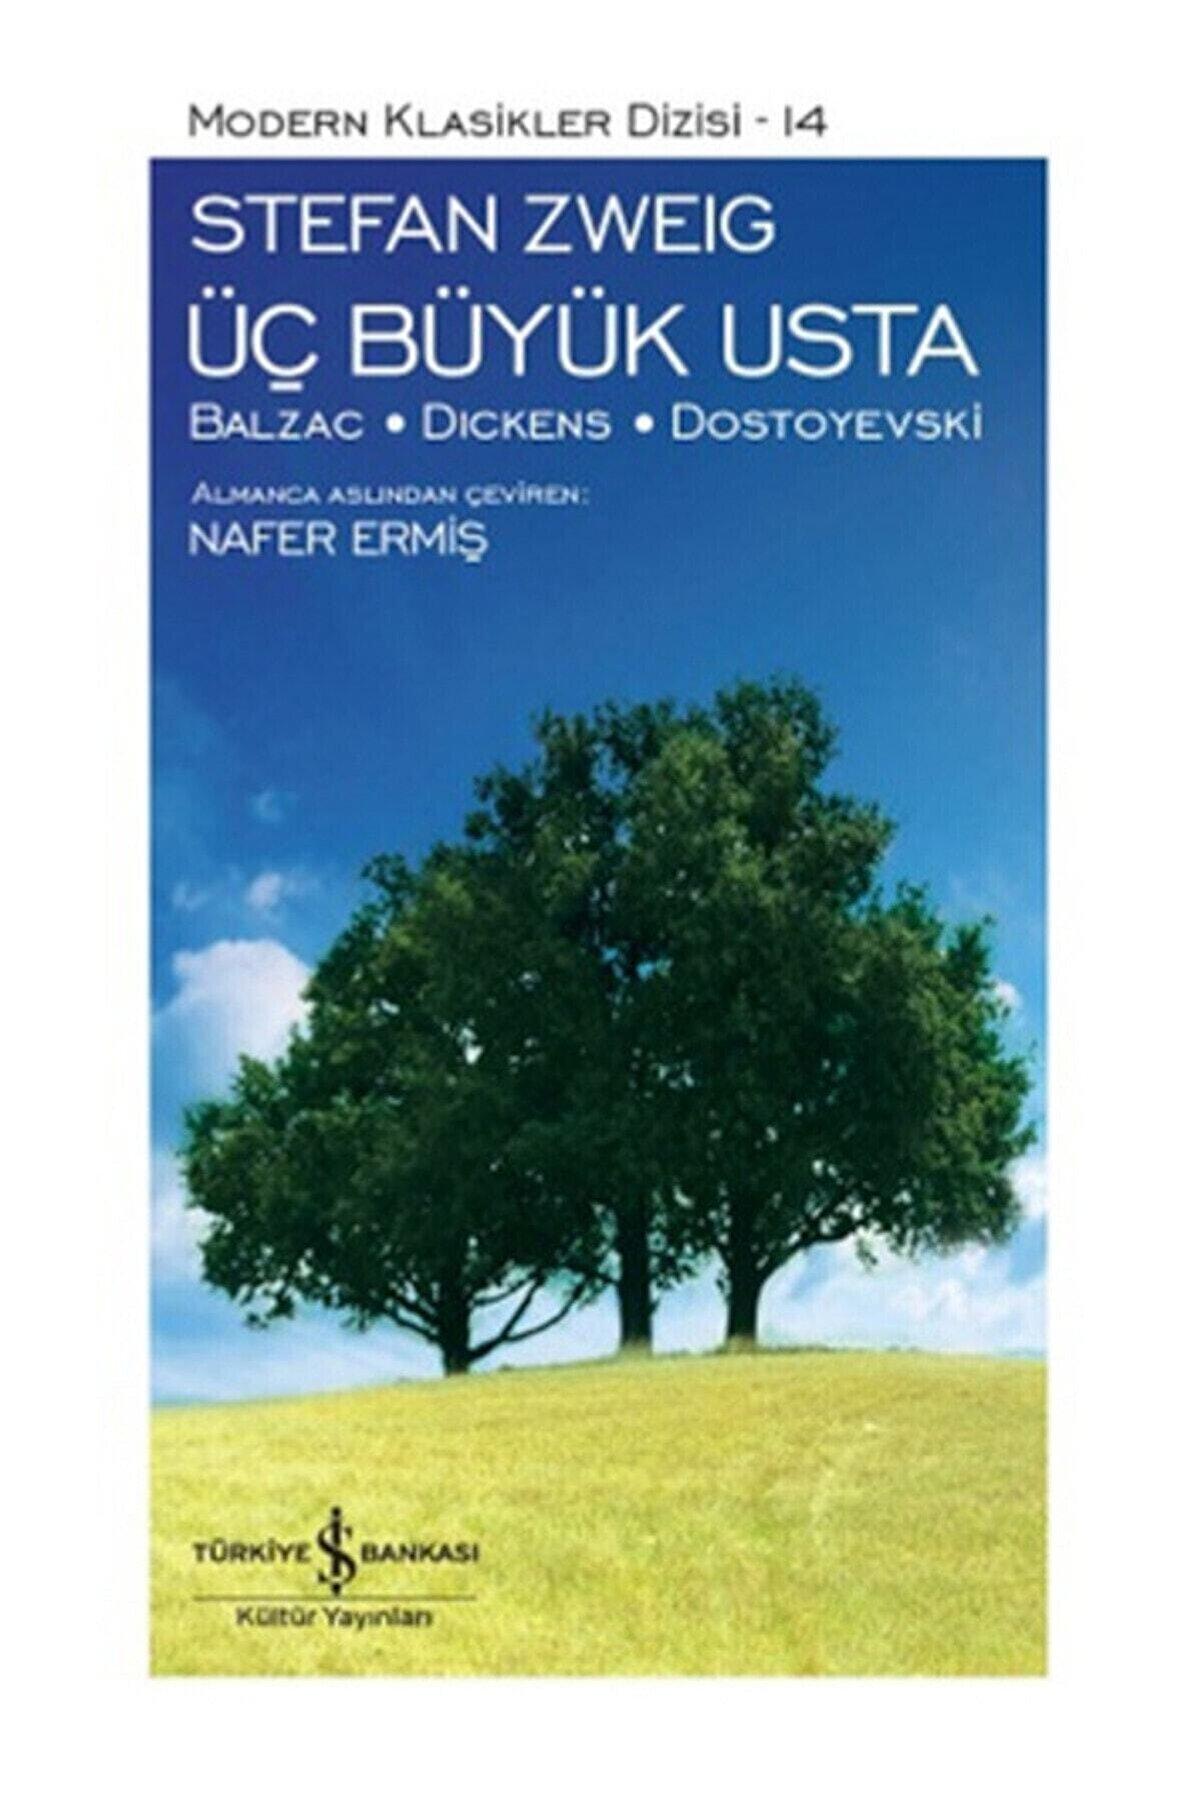 İş Bankası Kültür Yayınları Üç Büyük Usta - Stefan Zweig